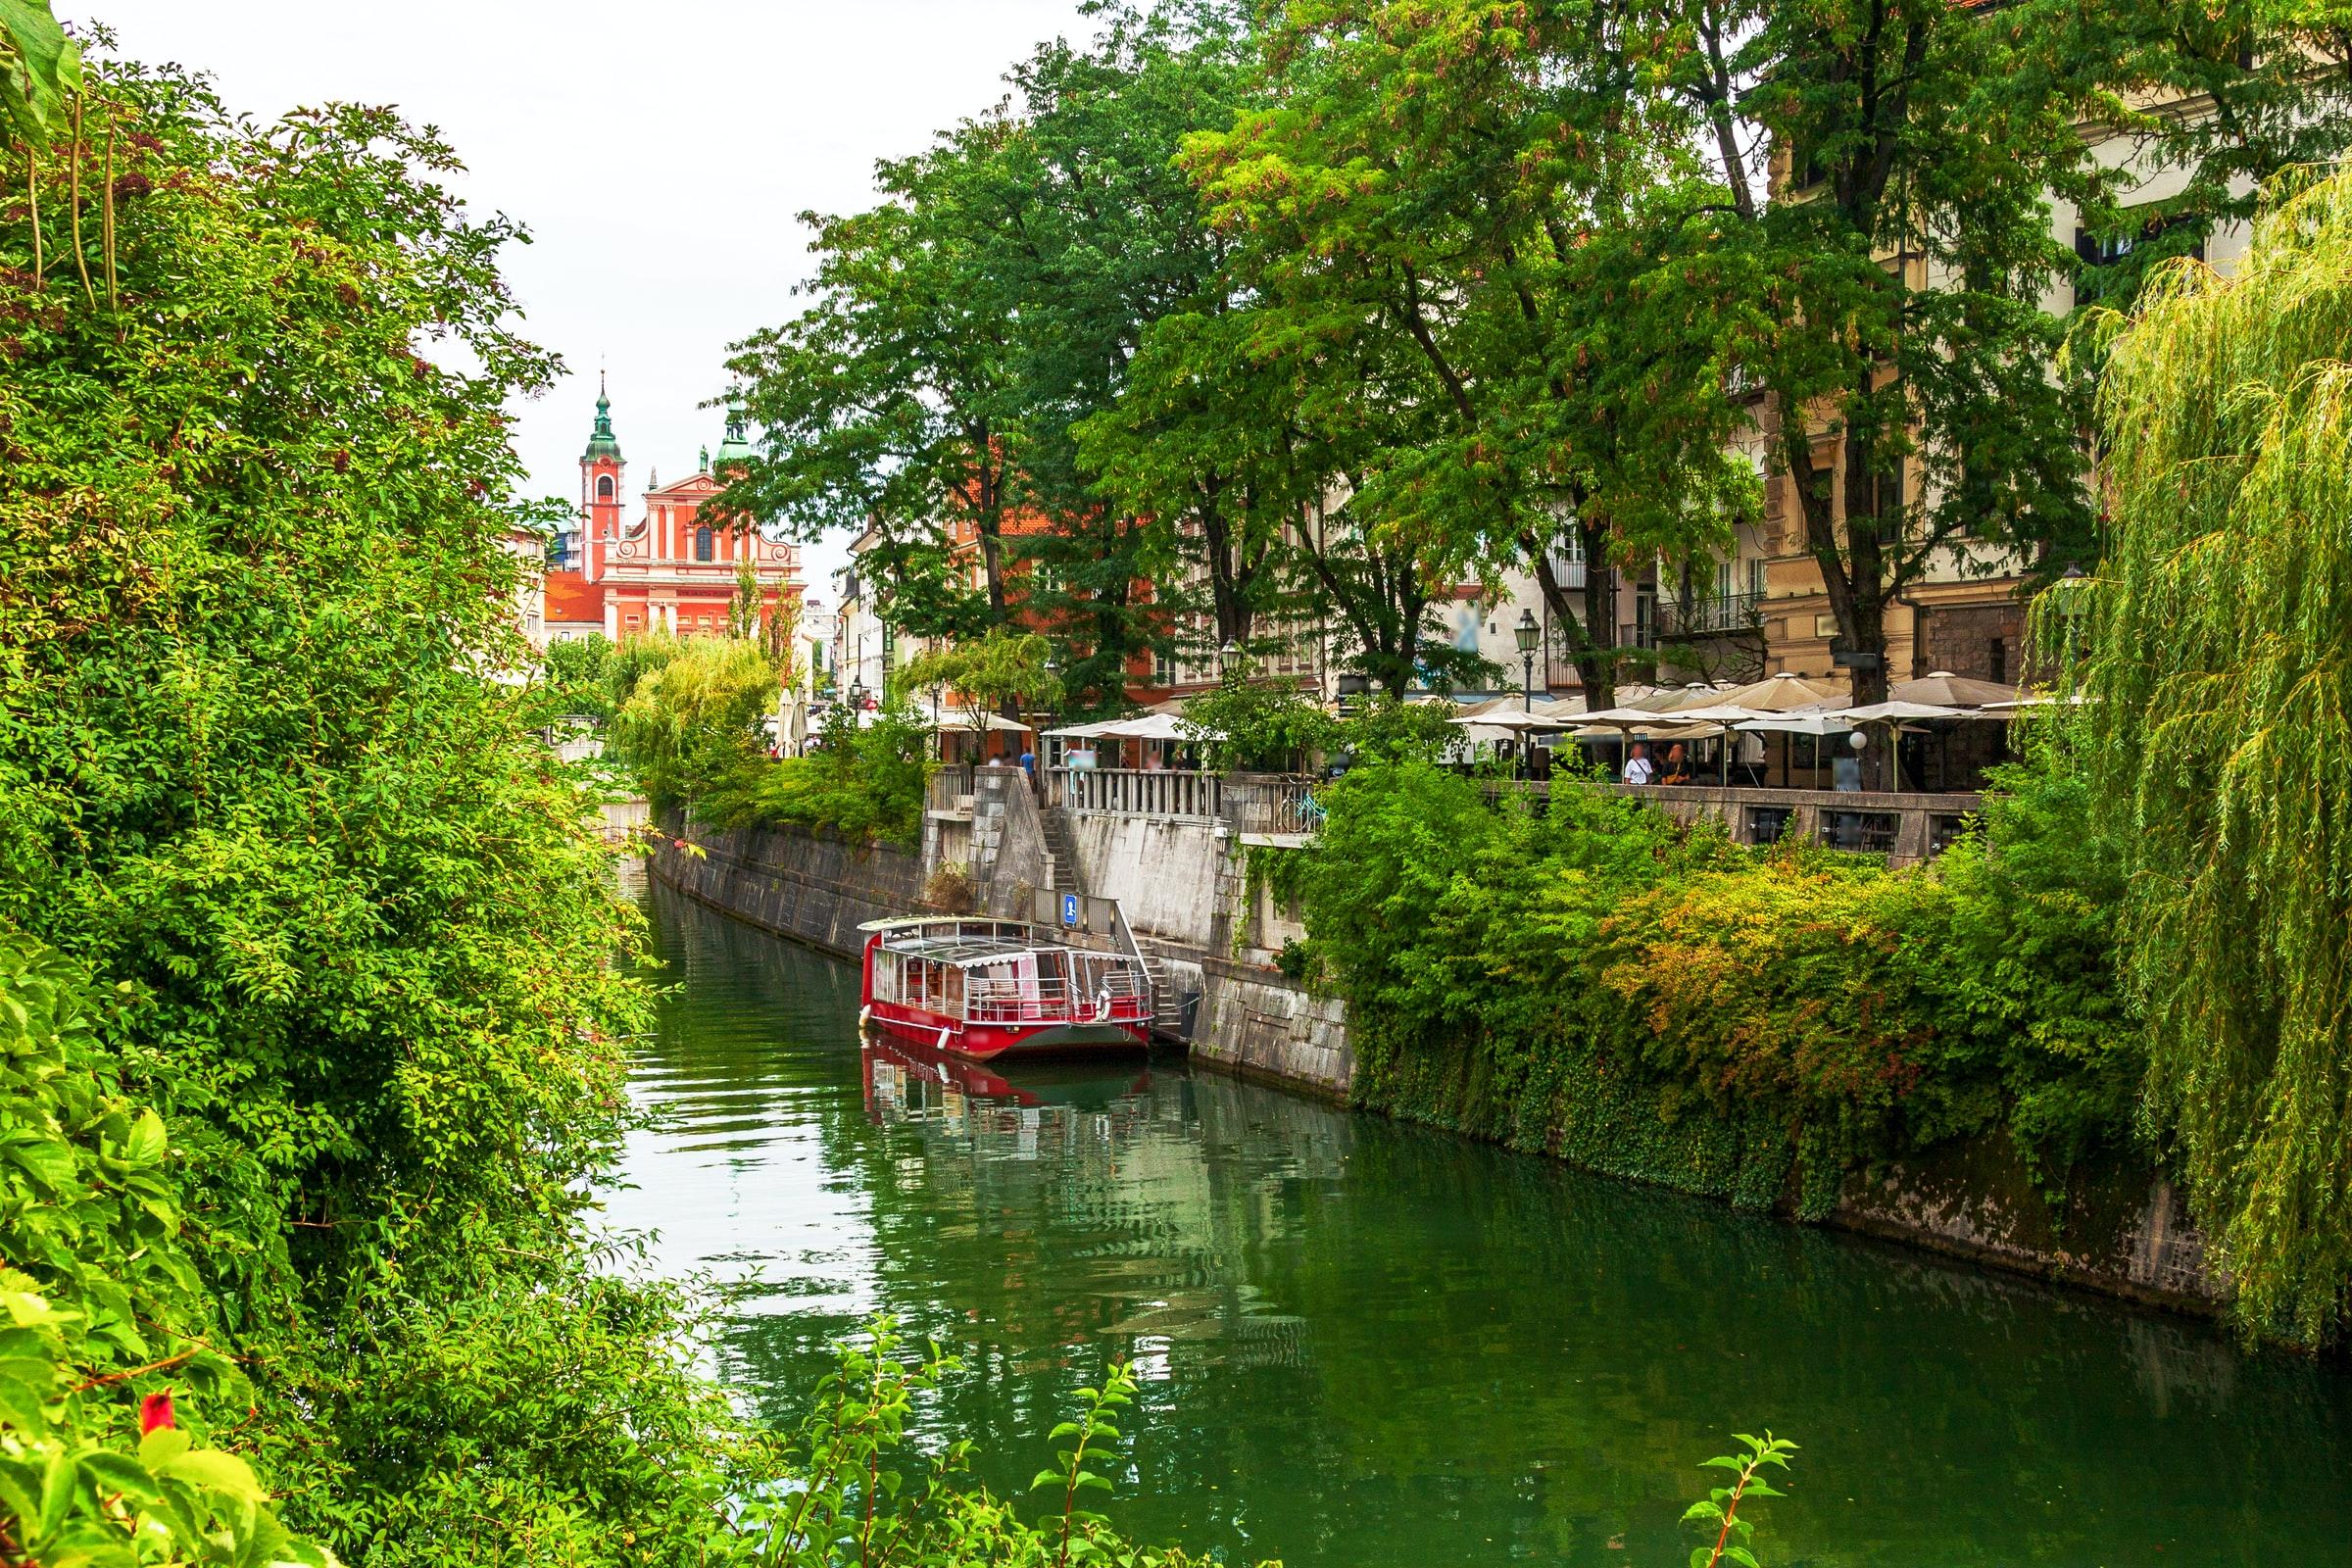 barco rojo en el río cerca de los árboles